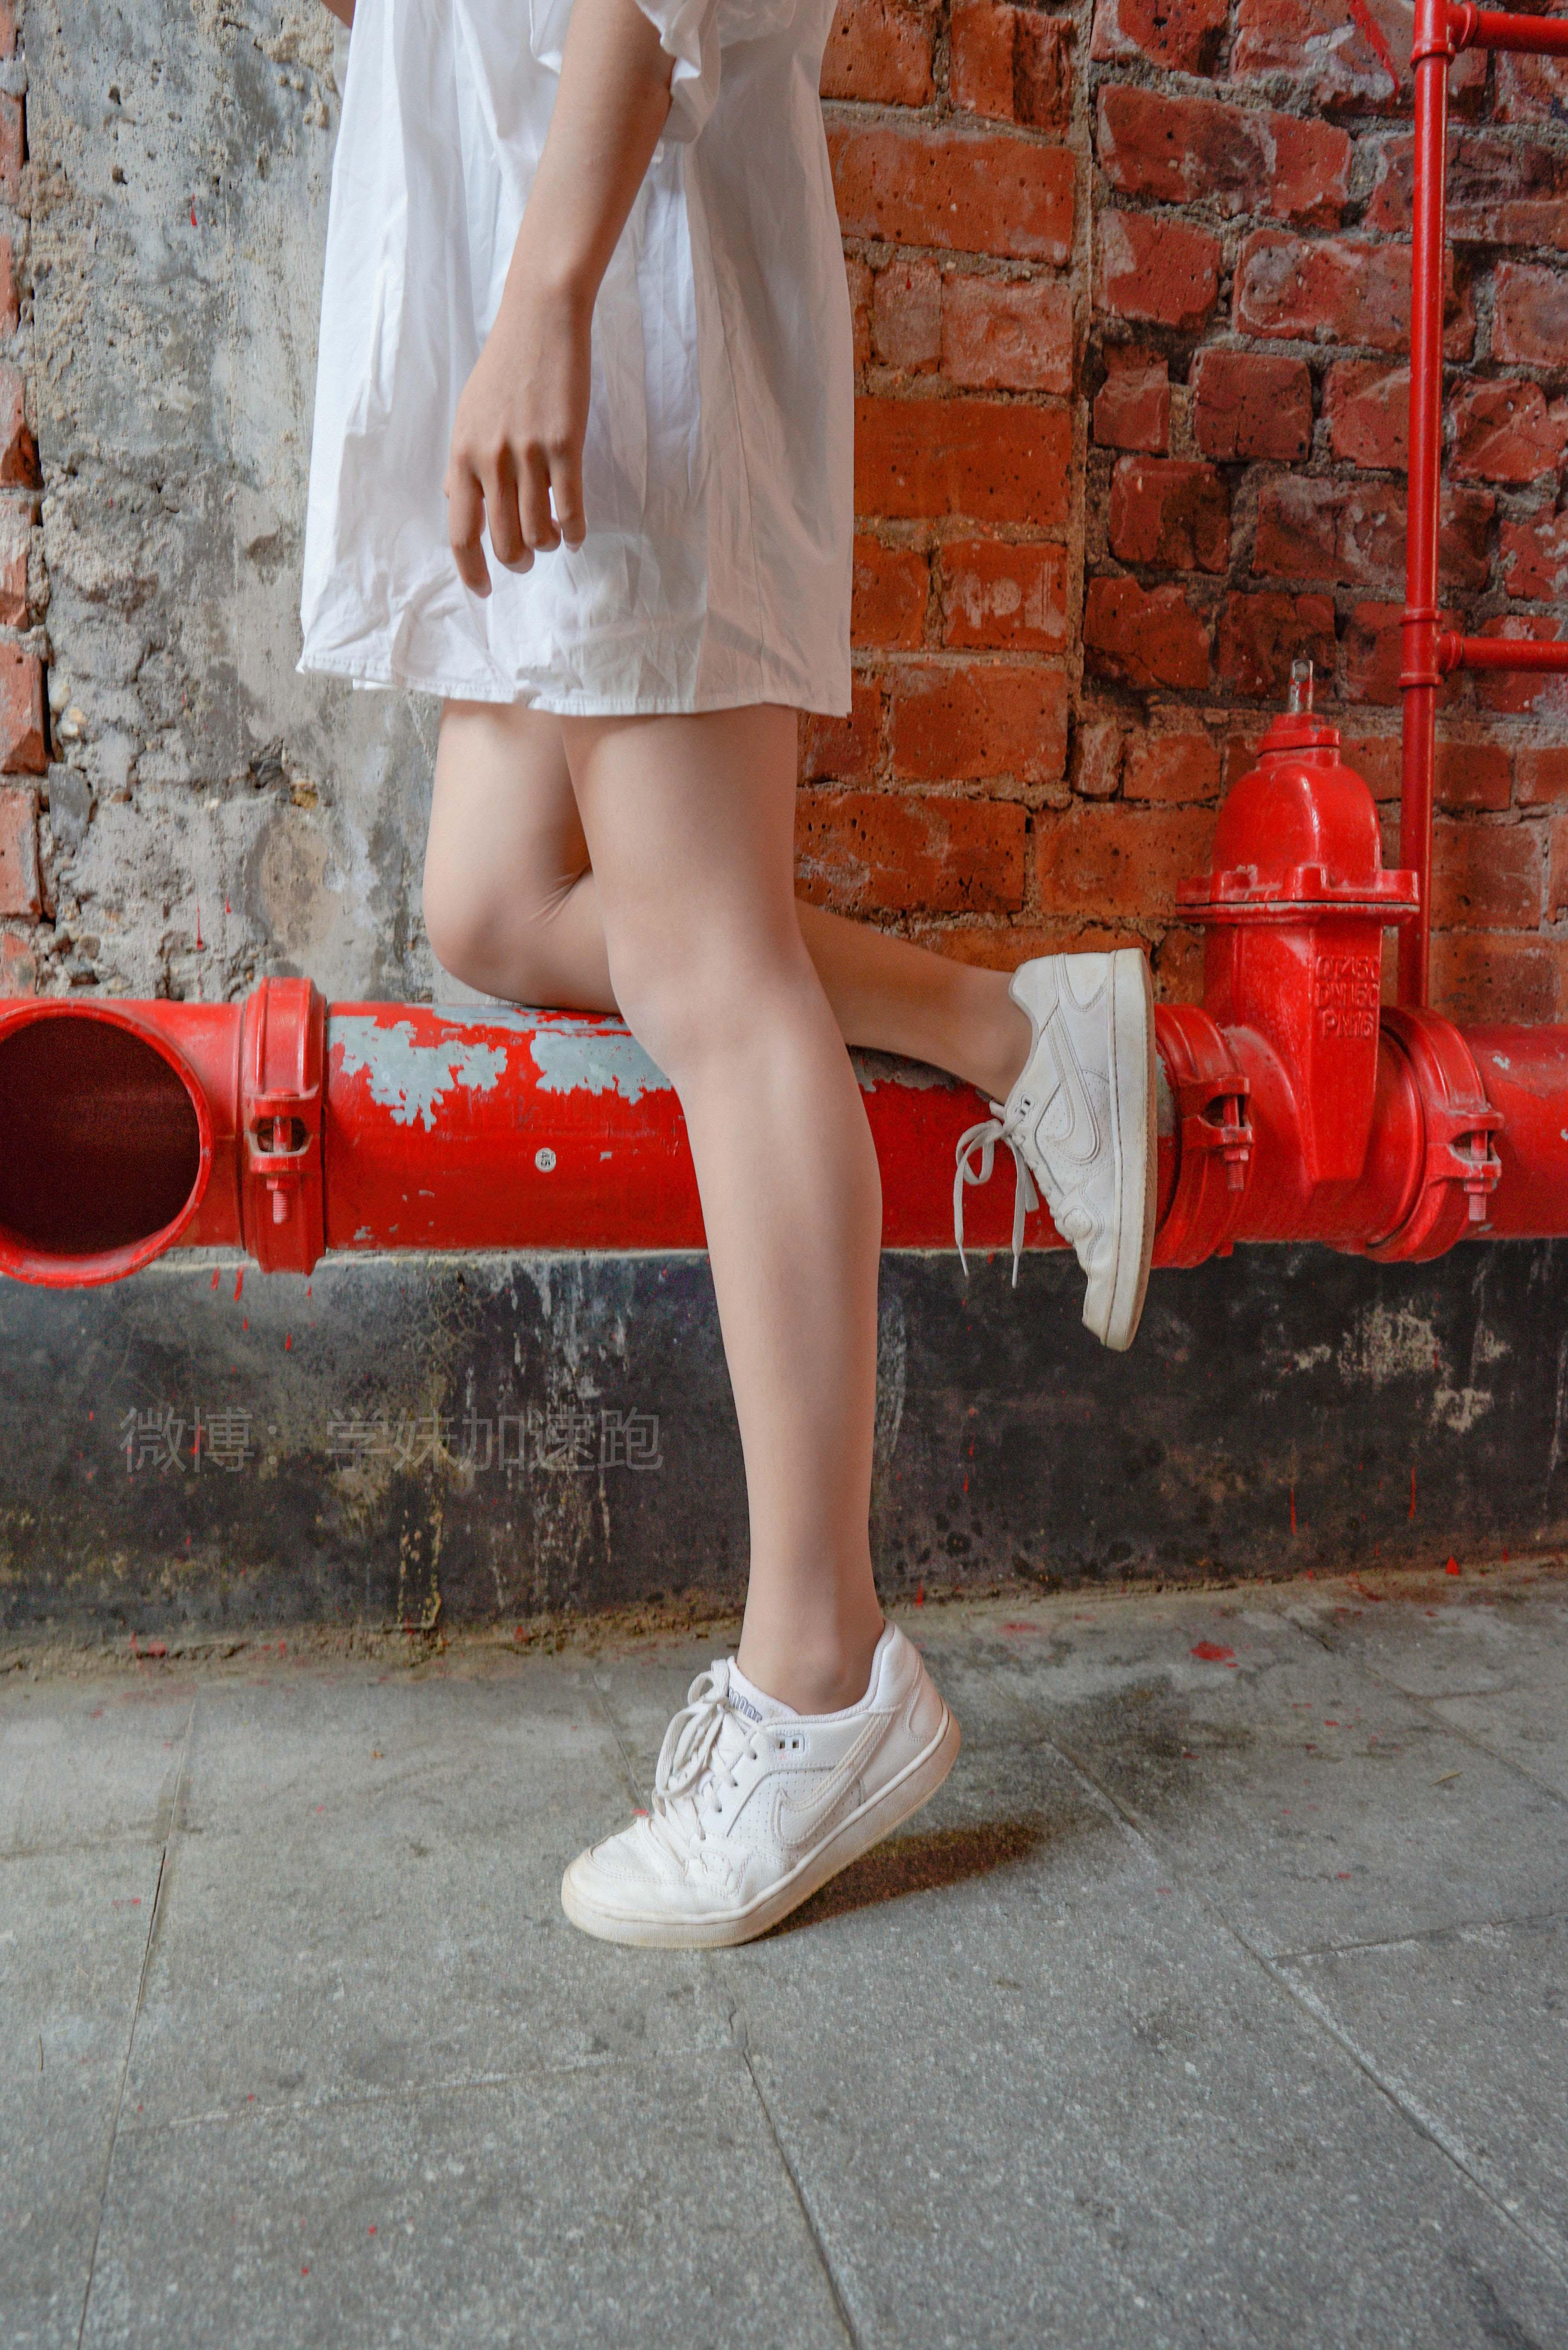 [学妹加速跑]XM006《丝丝学妹3》白色连身衬衫与蓝色短裤加肉丝美腿性感私房写真集,